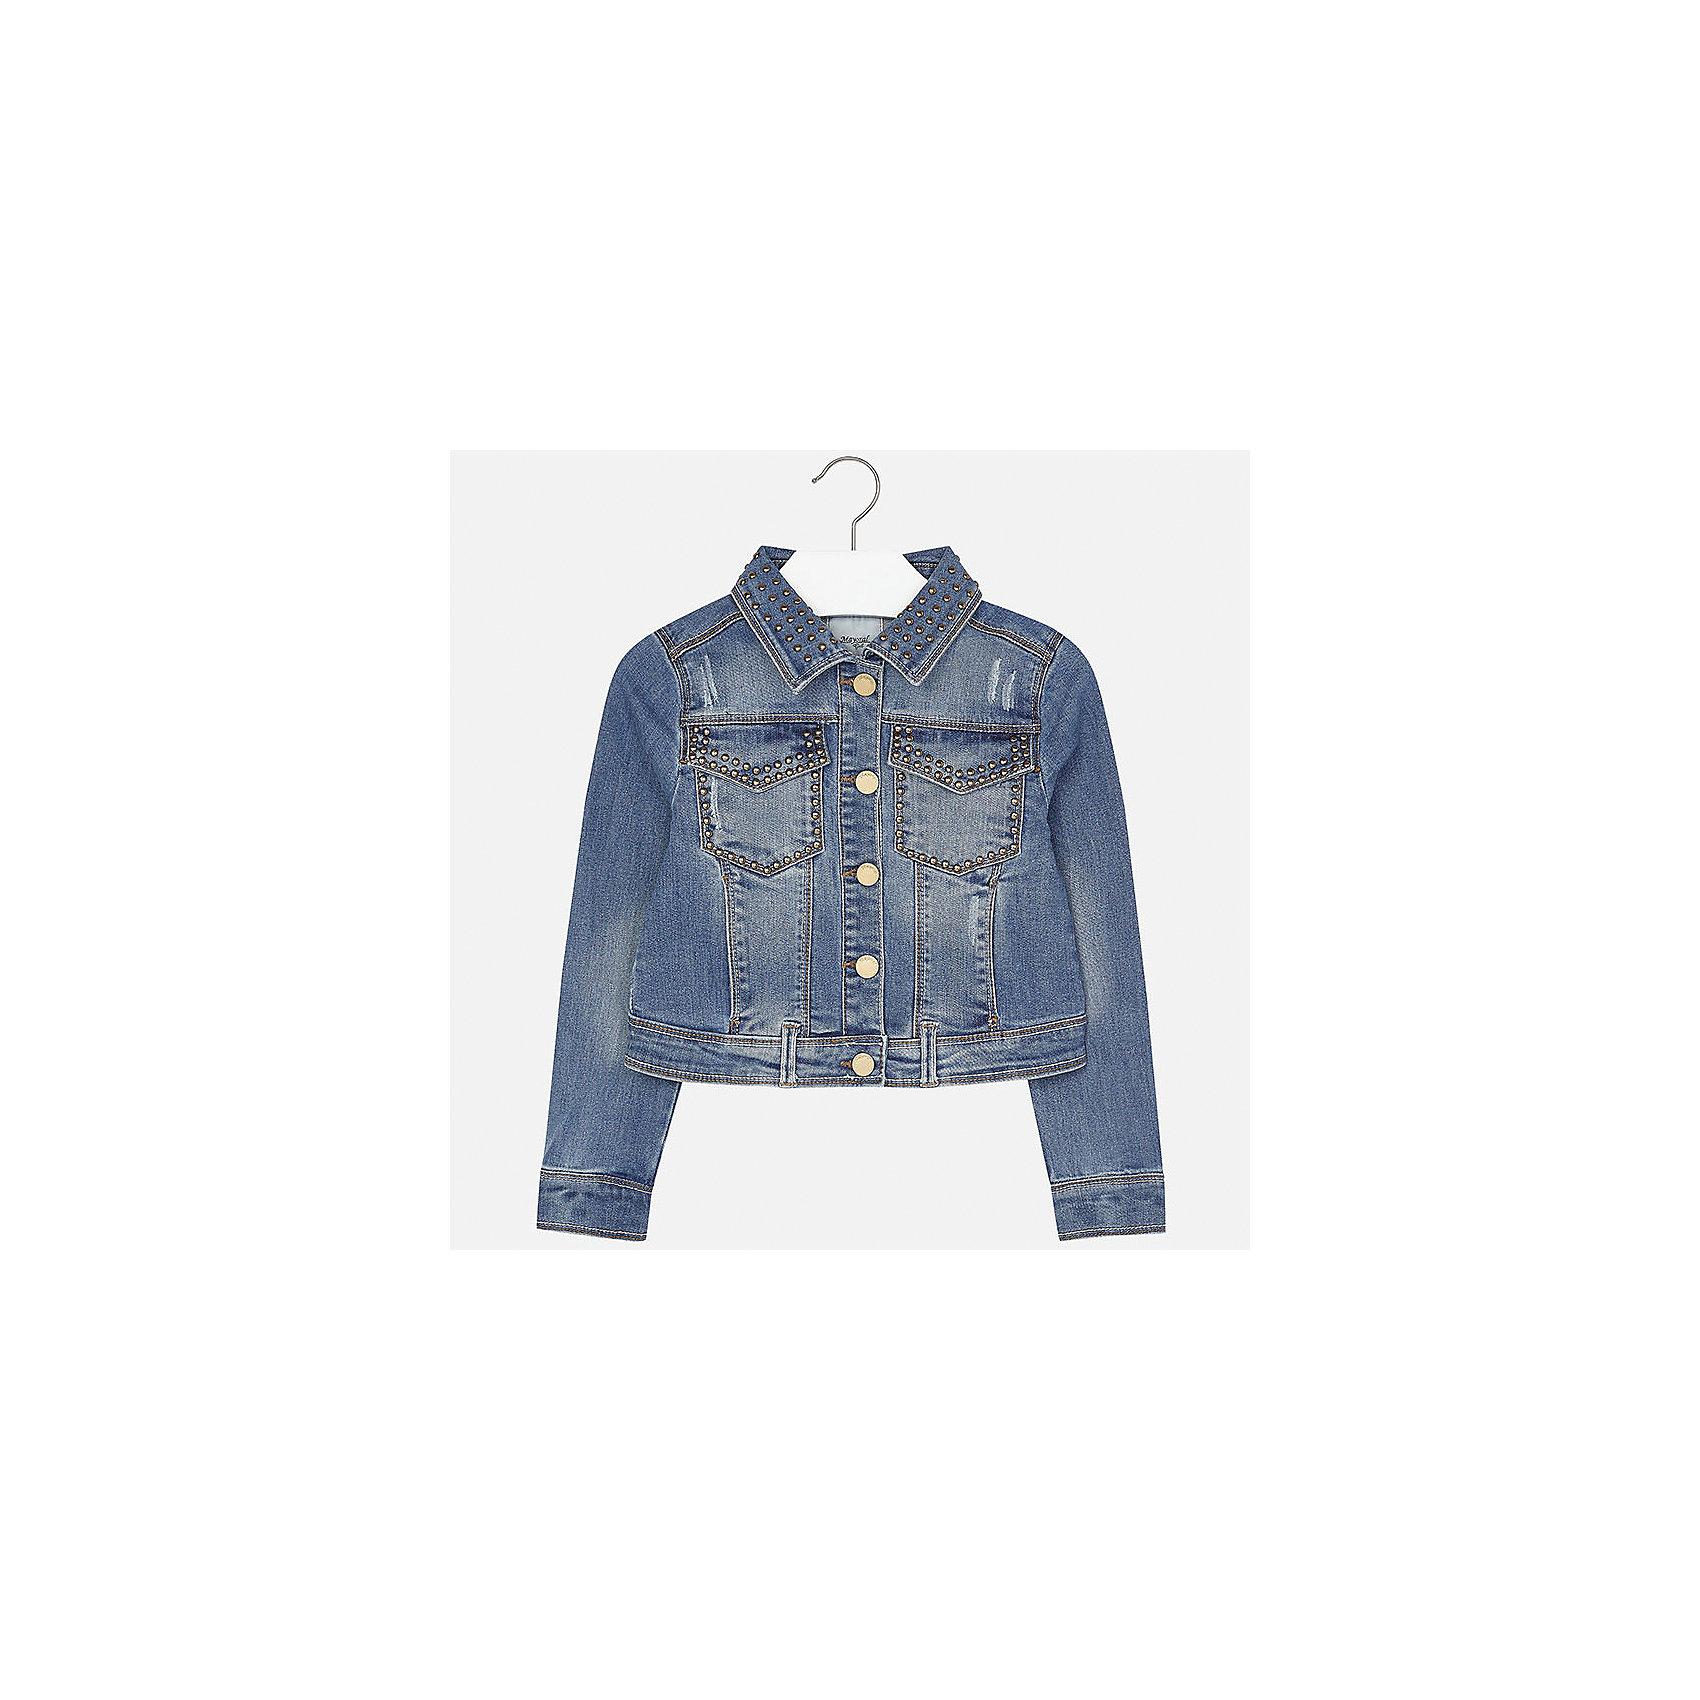 Куртка джинсовая для девочки MayoralДжинсовая одежда<br>Характеристики товара:<br><br>• цвет: синий<br>• состав: 70% хлопок, 26% полиэстер, 3% вискоза, 1% эластан<br>• пуговицы<br>• карманы<br>• с длинными рукавами <br>• эффект потертости<br>• страна бренда: Испания<br><br>Очень стильная куртка для девочки поможет разнообразить гардероб ребенка и украсить наряд. Он отлично сочетается и с юбками, и с брюками. Универсальный цвет позволяет подобрать к вещи низ различных расцветок. Интересная отделка модели делает её нарядной и оригинальной.<br><br>Одежда, обувь и аксессуары от испанского бренда Mayoral полюбились детям и взрослым по всему миру. Модели этой марки - стильные и удобные. Для их производства используются только безопасные, качественные материалы и фурнитура. Порадуйте ребенка модными и красивыми вещами от Mayoral! <br><br>Куртку для девочки от испанского бренда Mayoral (Майорал) можно купить в нашем интернет-магазине.<br><br>Ширина мм: 356<br>Глубина мм: 10<br>Высота мм: 245<br>Вес г: 519<br>Цвет: голубой<br>Возраст от месяцев: 168<br>Возраст до месяцев: 180<br>Пол: Женский<br>Возраст: Детский<br>Размер: 170,128/134,140,152,158,164<br>SKU: 5292877